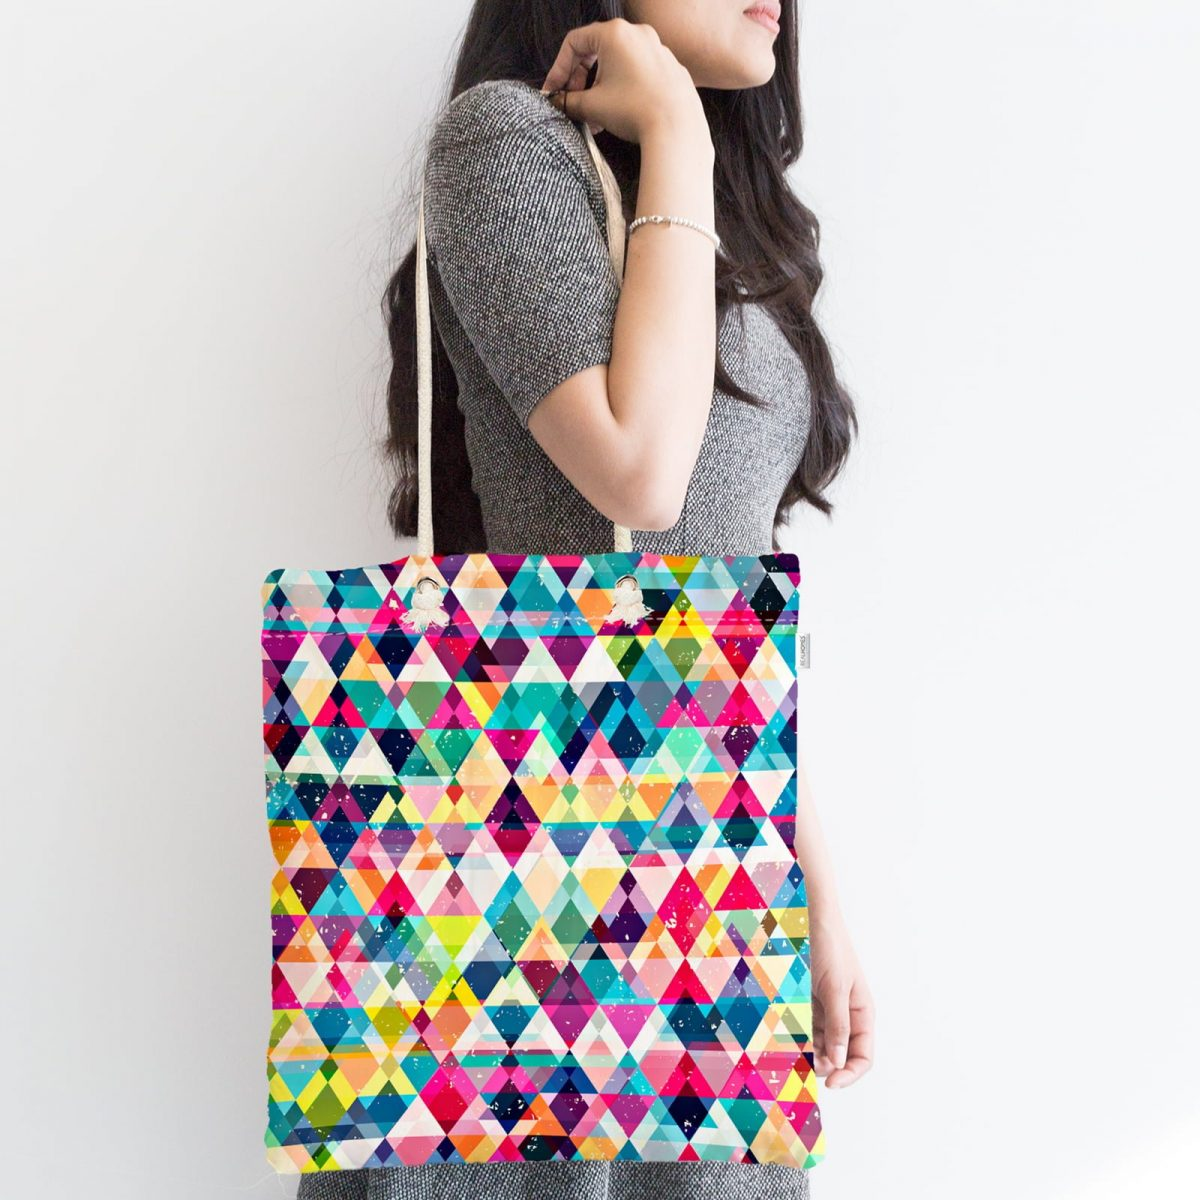 Modern Renkli Üçgen Tasarımlı Dijital Baskılı Fermuarlı Kumaş Çanta Realhomes